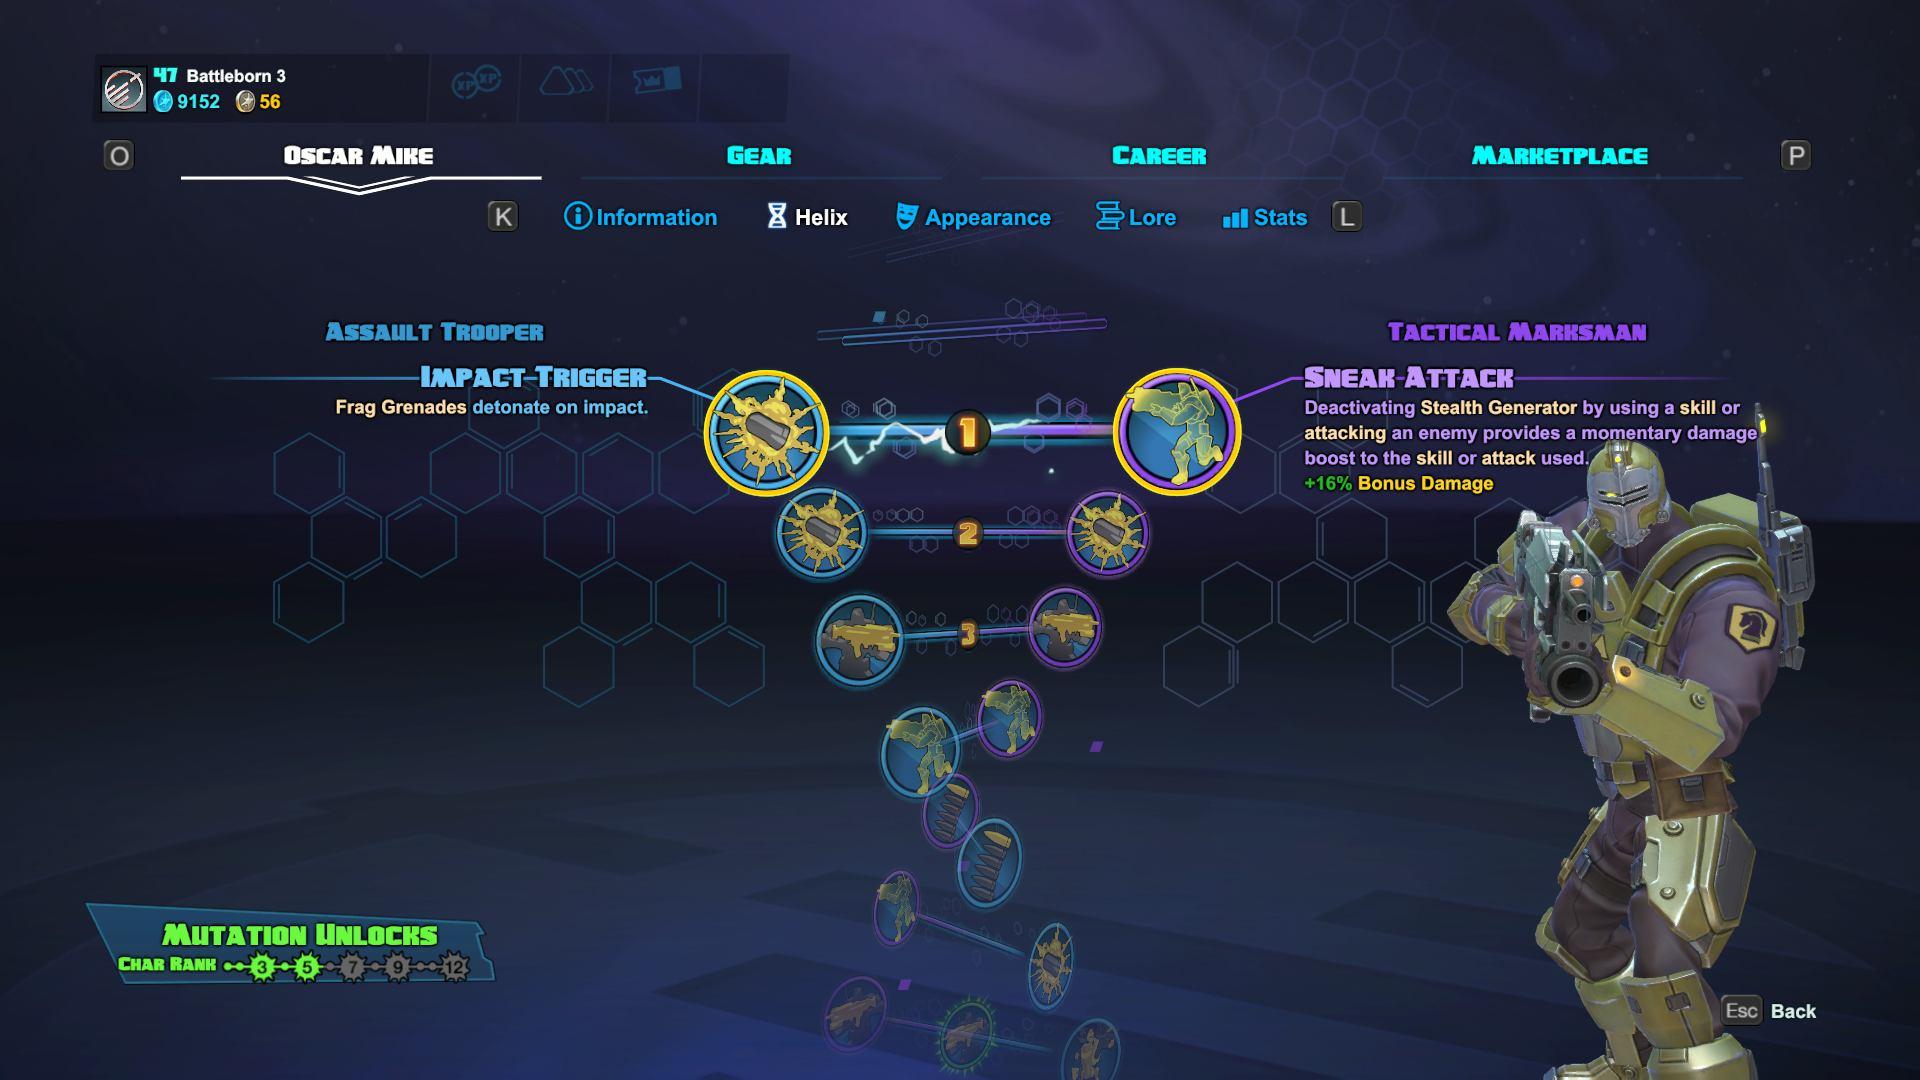 Battleborn - Skill Tree